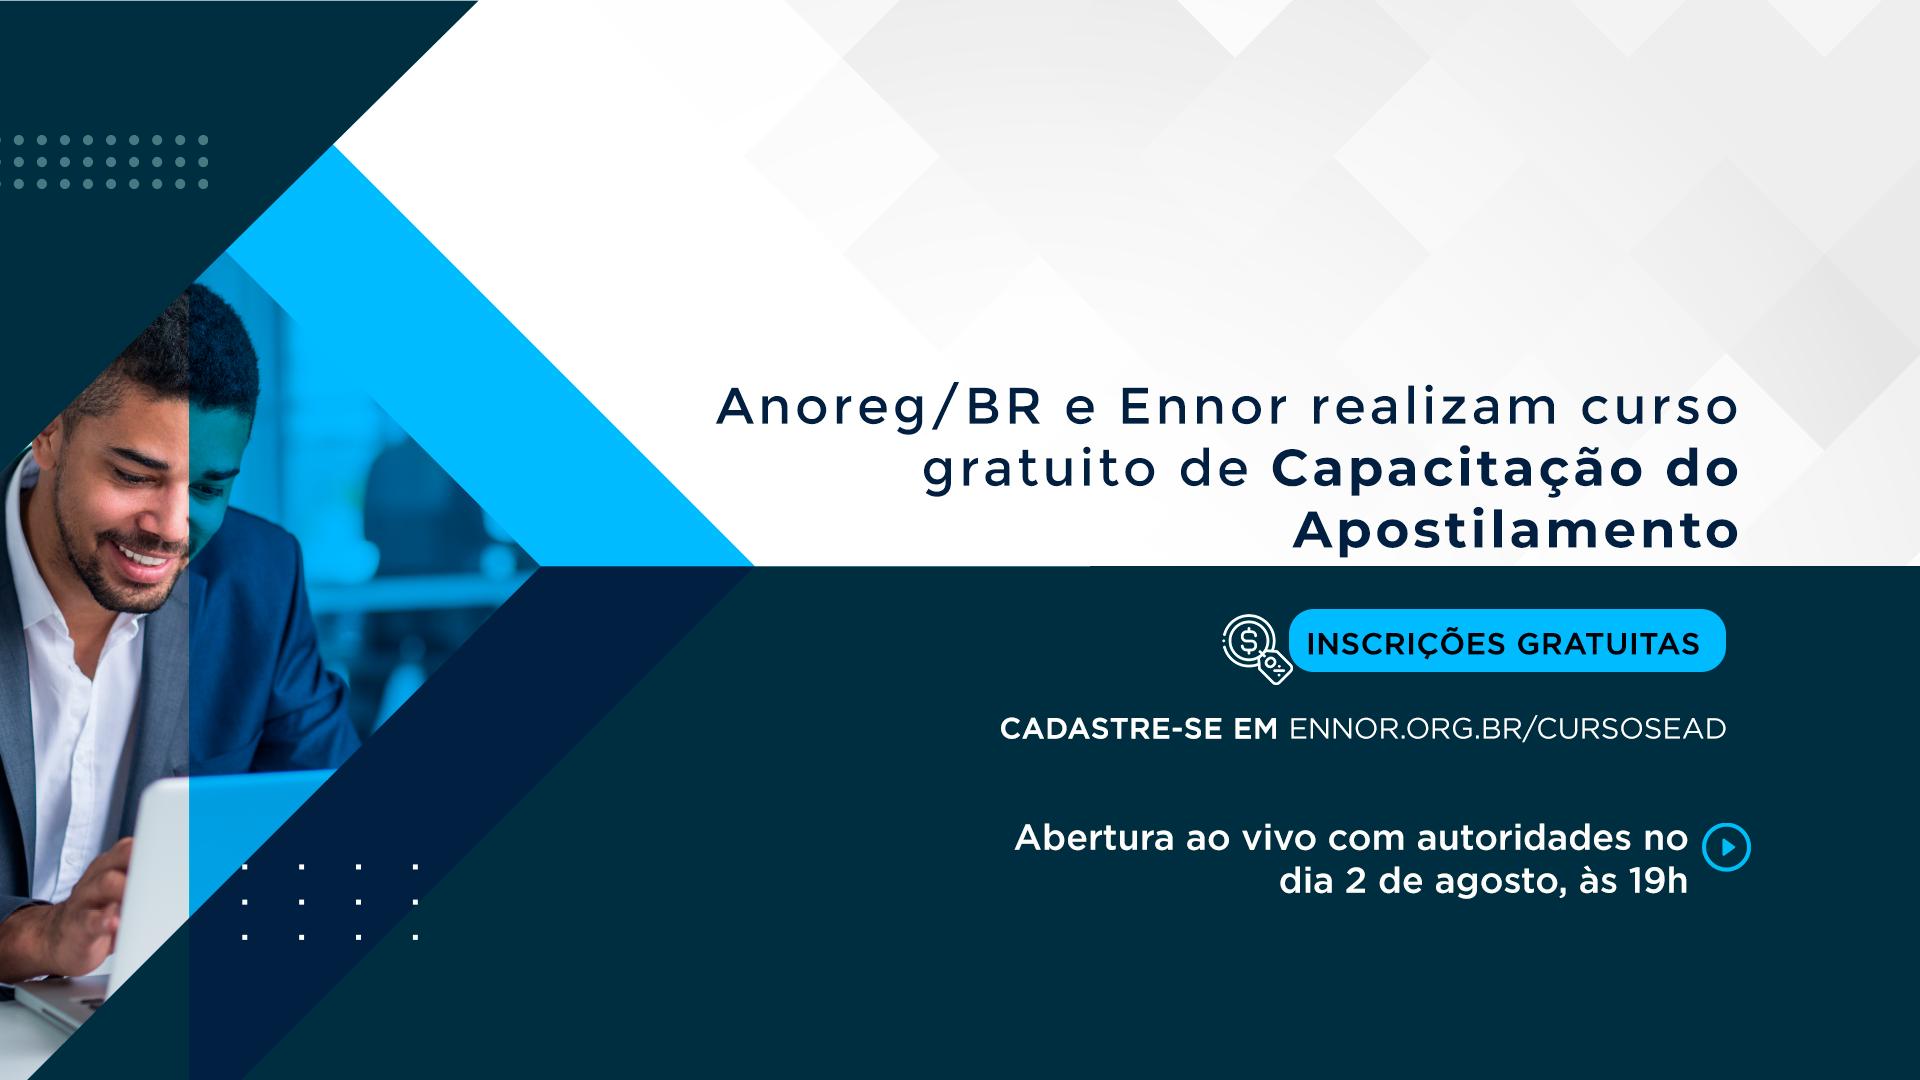 Inscrições Abertas Para O Curso Gratuito De Capacitação Do Apostilamento Da Anoreg/BR E Ennor